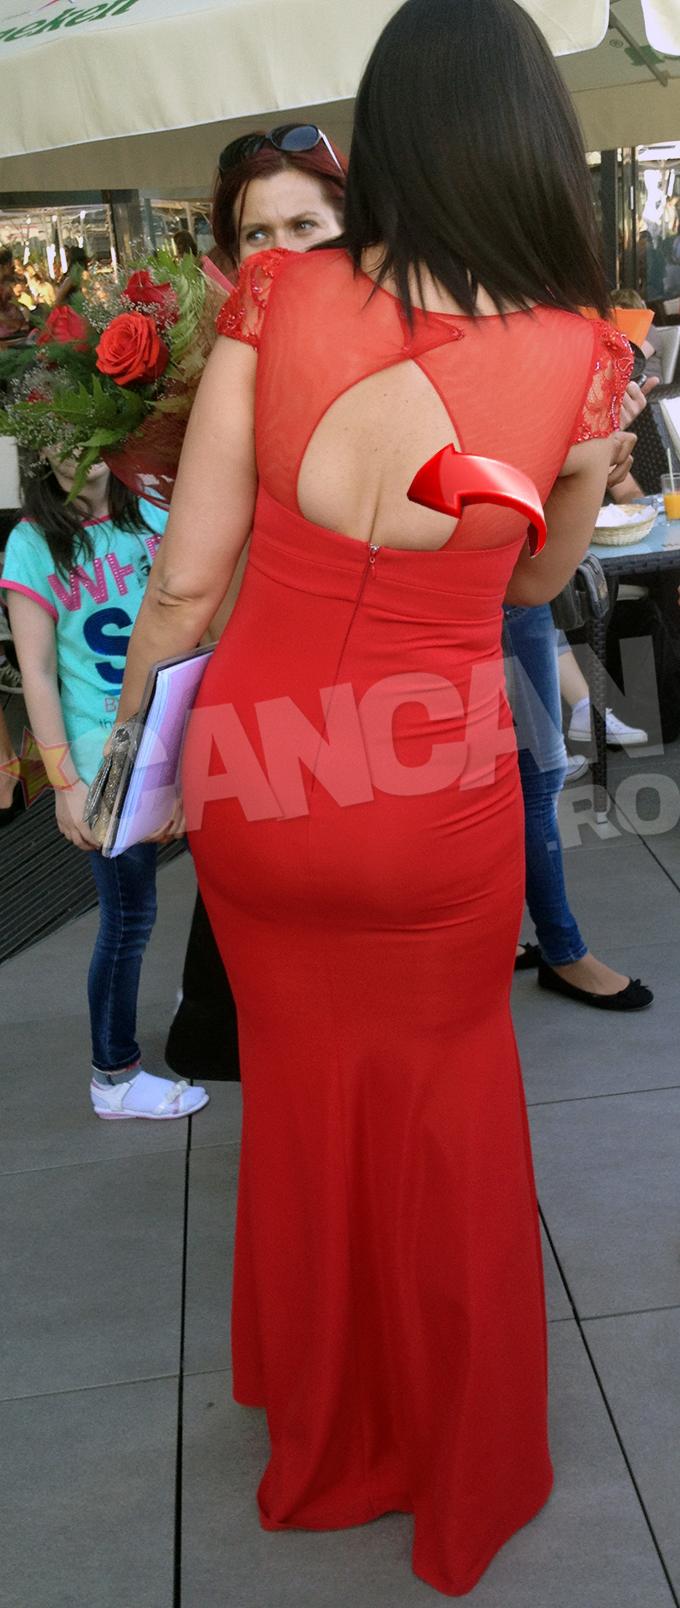 Din spate, rochia Andreei parea cel putin cu un numar mai mica